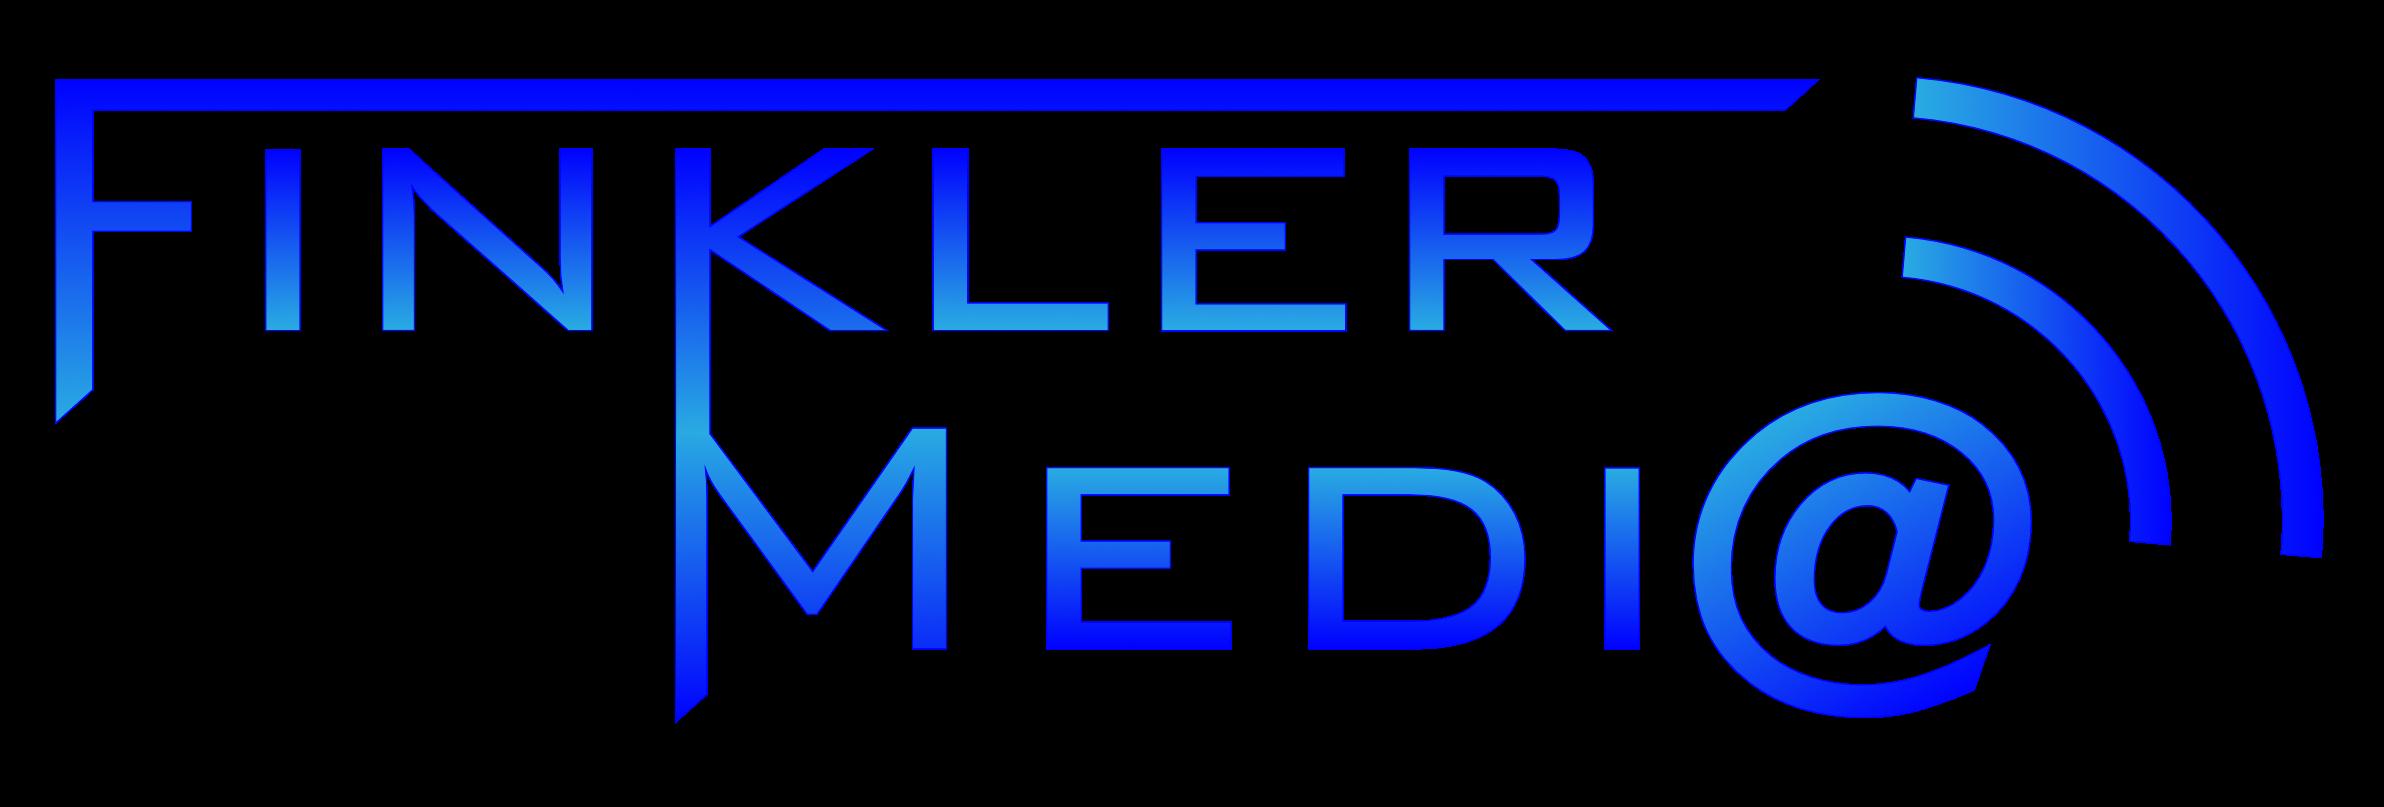 FinklerMedia